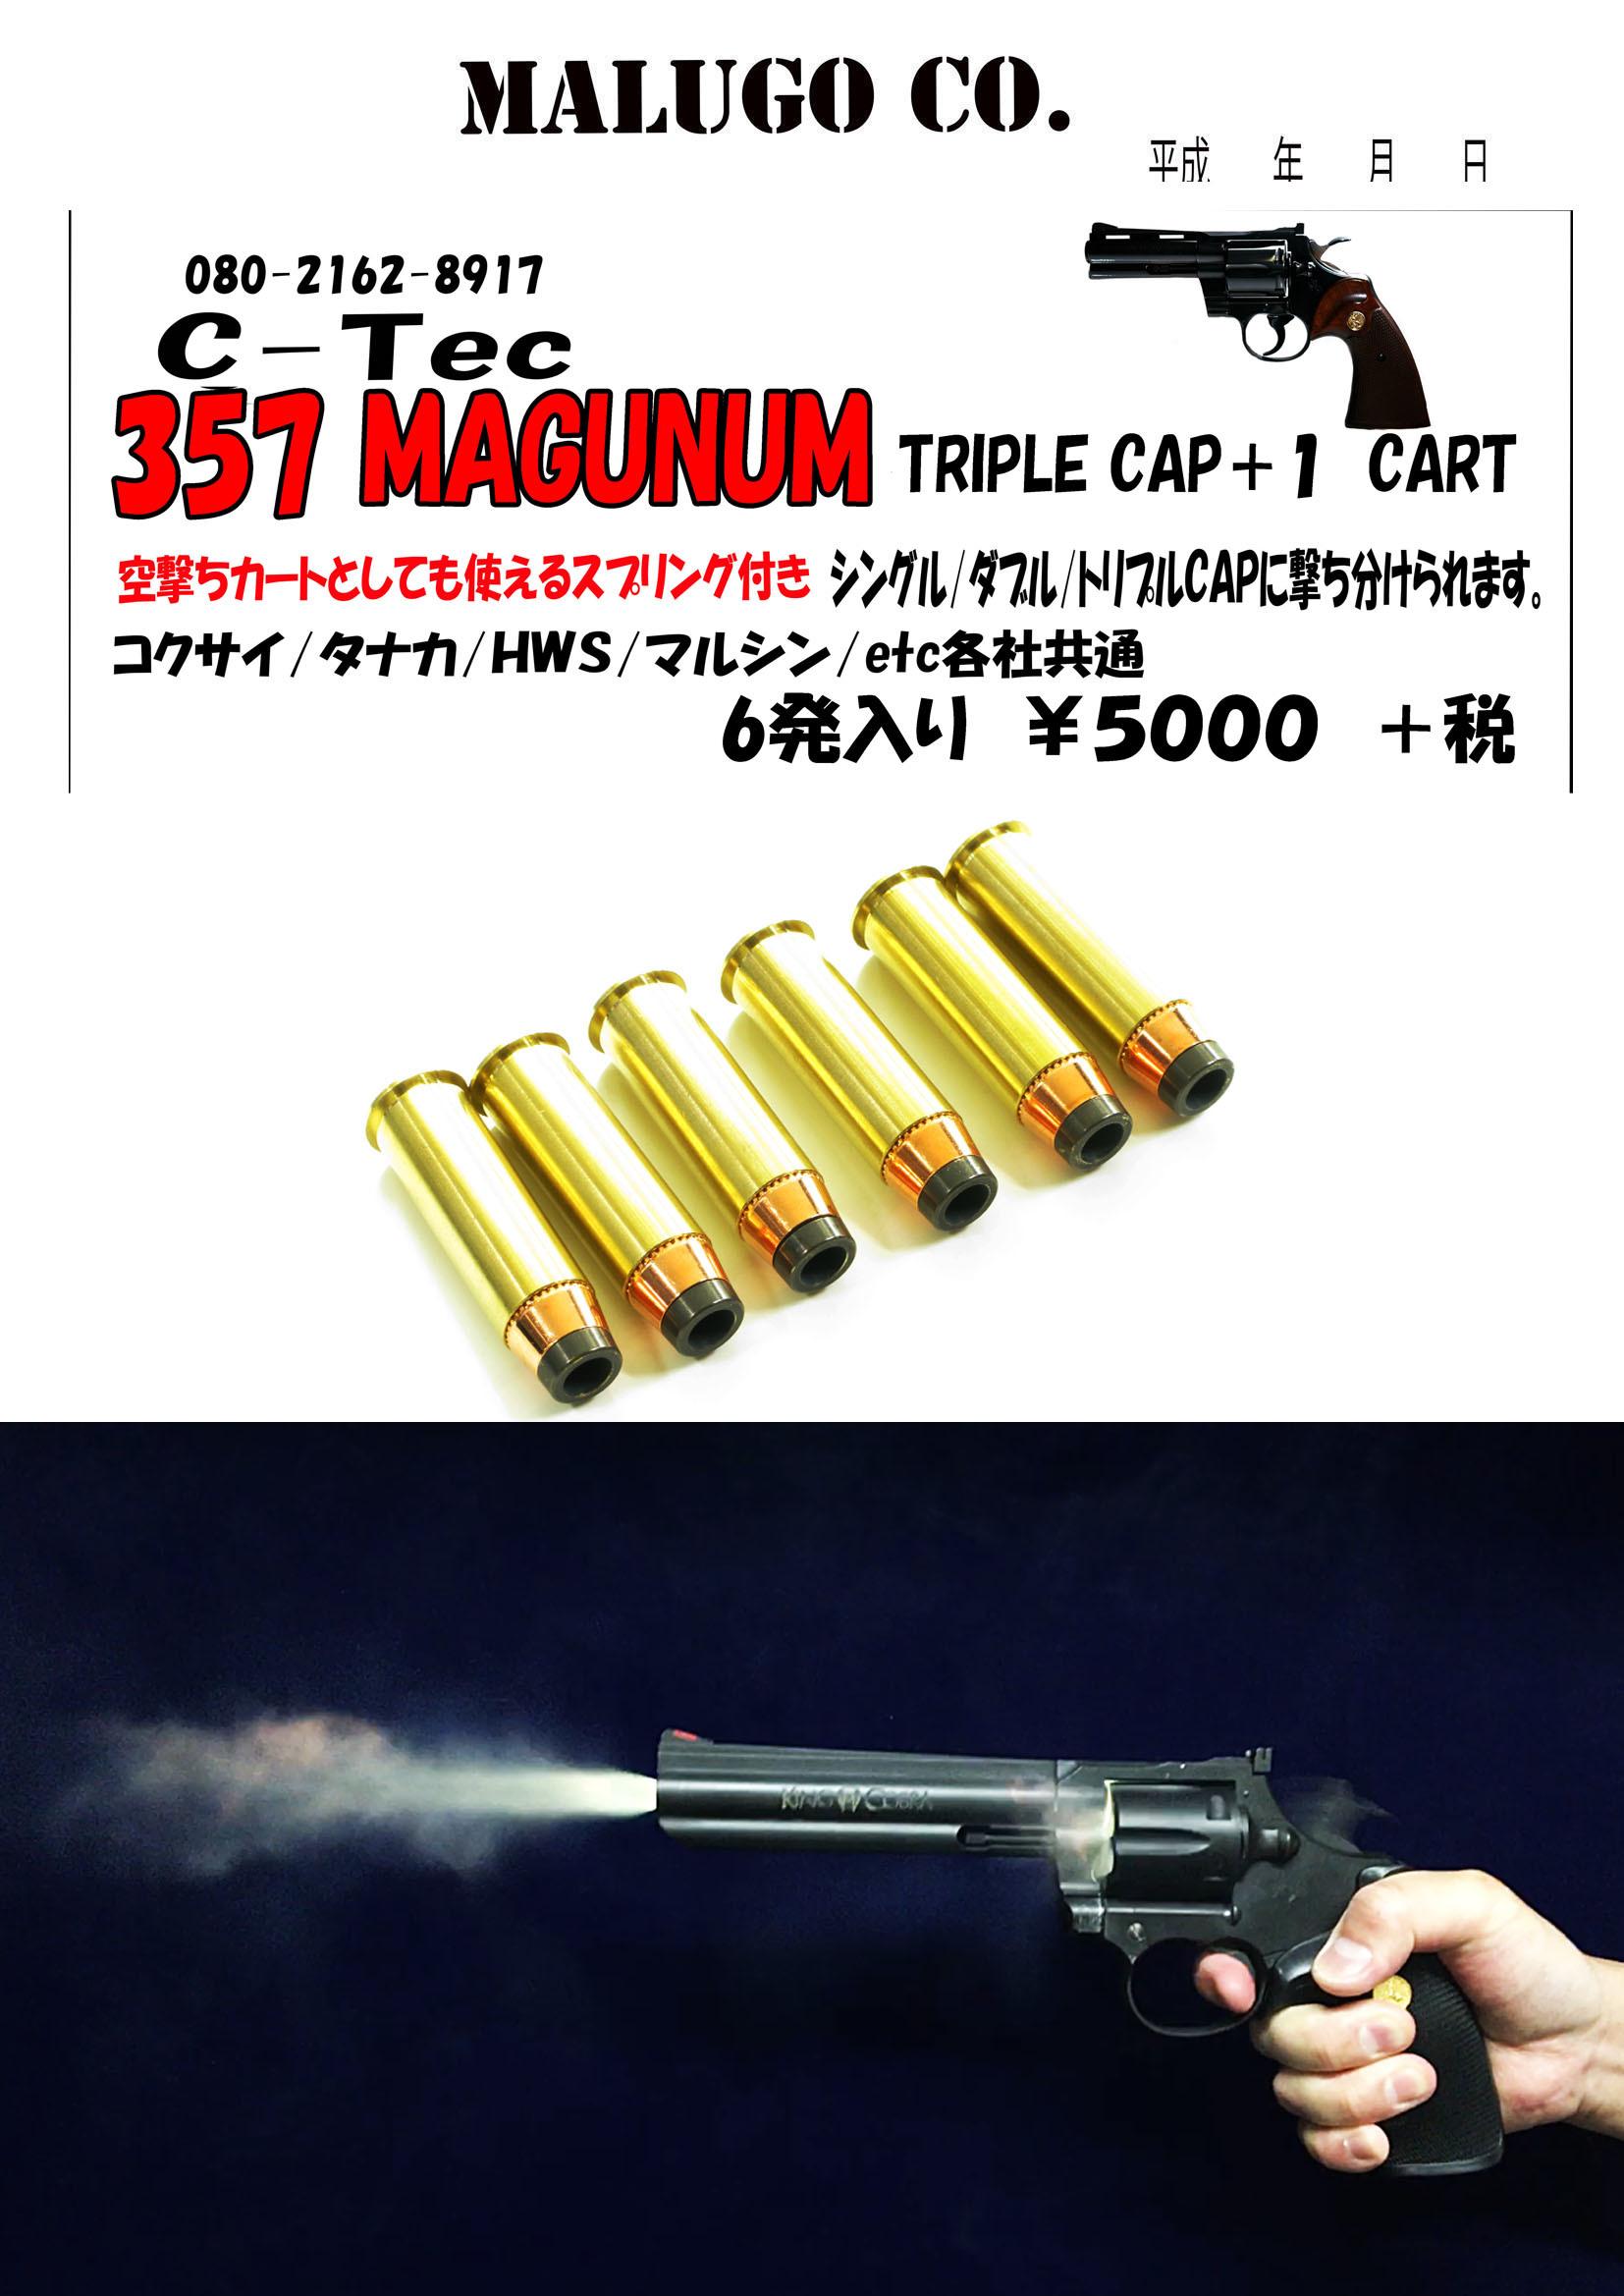 C-Tec .357マグナム トリプルキャップカート_f0131995_17153756.jpg